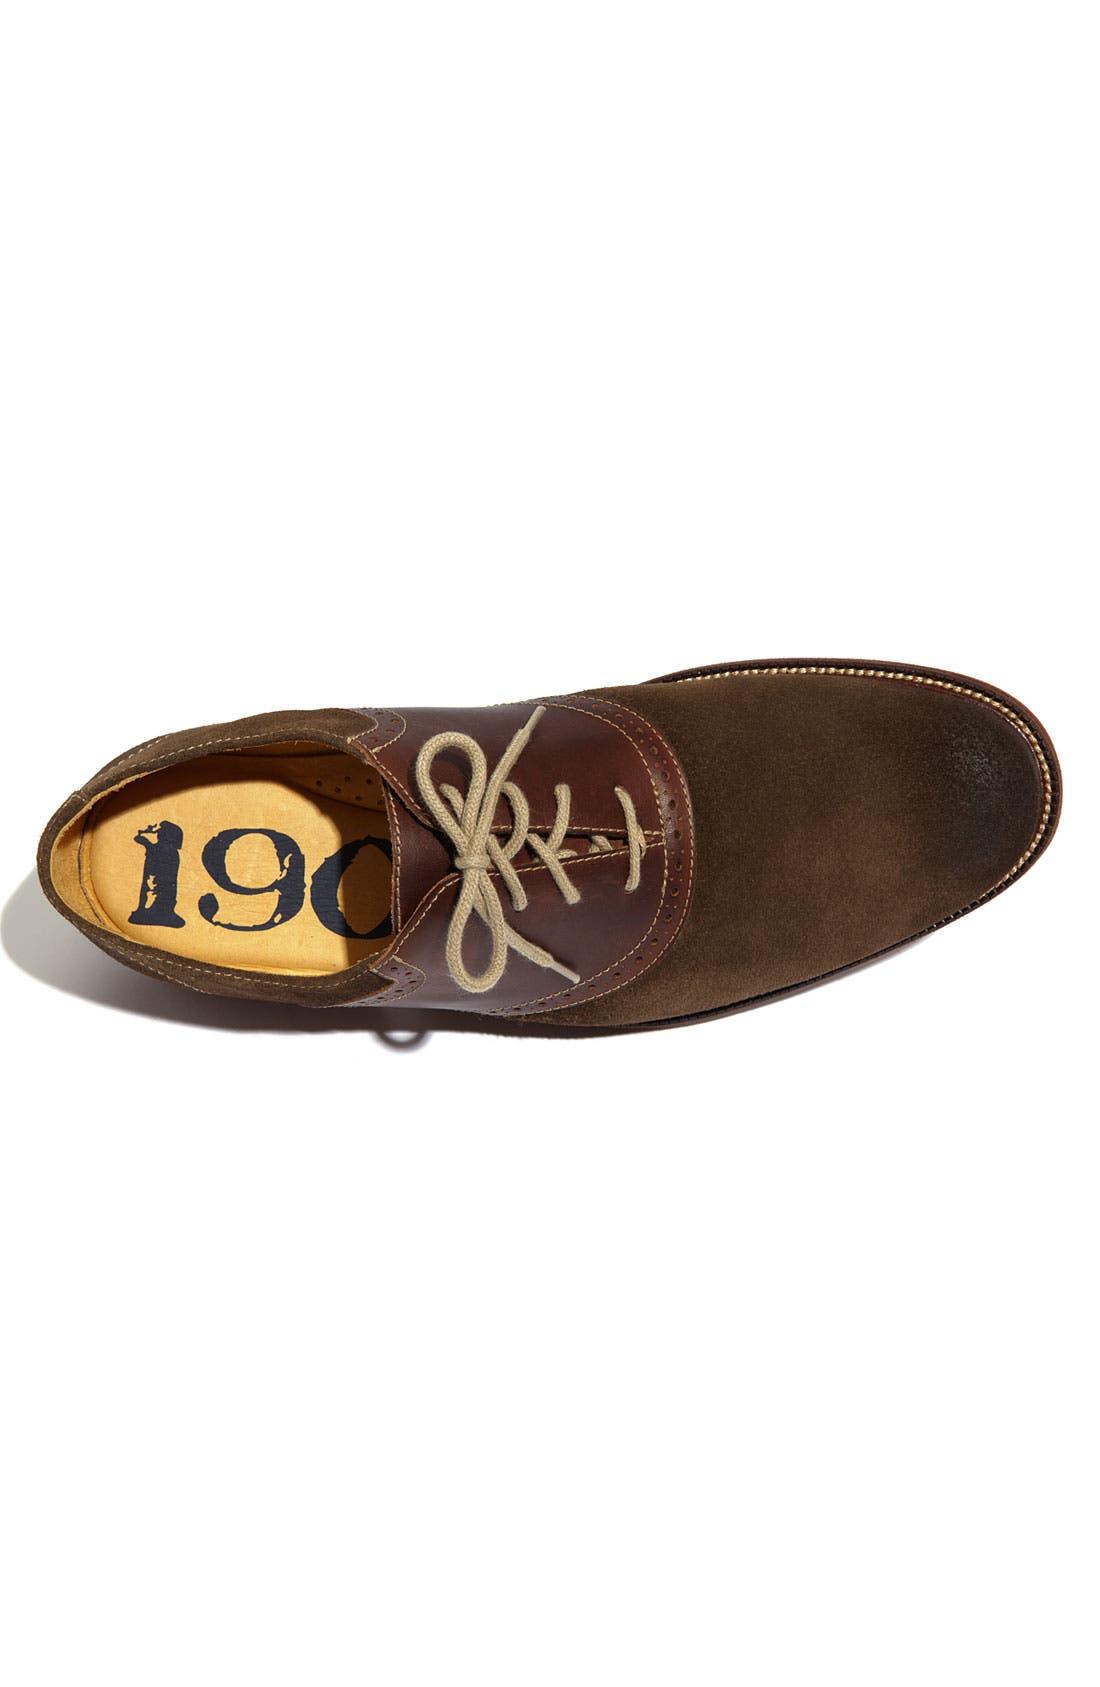 Alternate Image 3  - 1901 'Saddle Up' Saddle Shoe (Men)